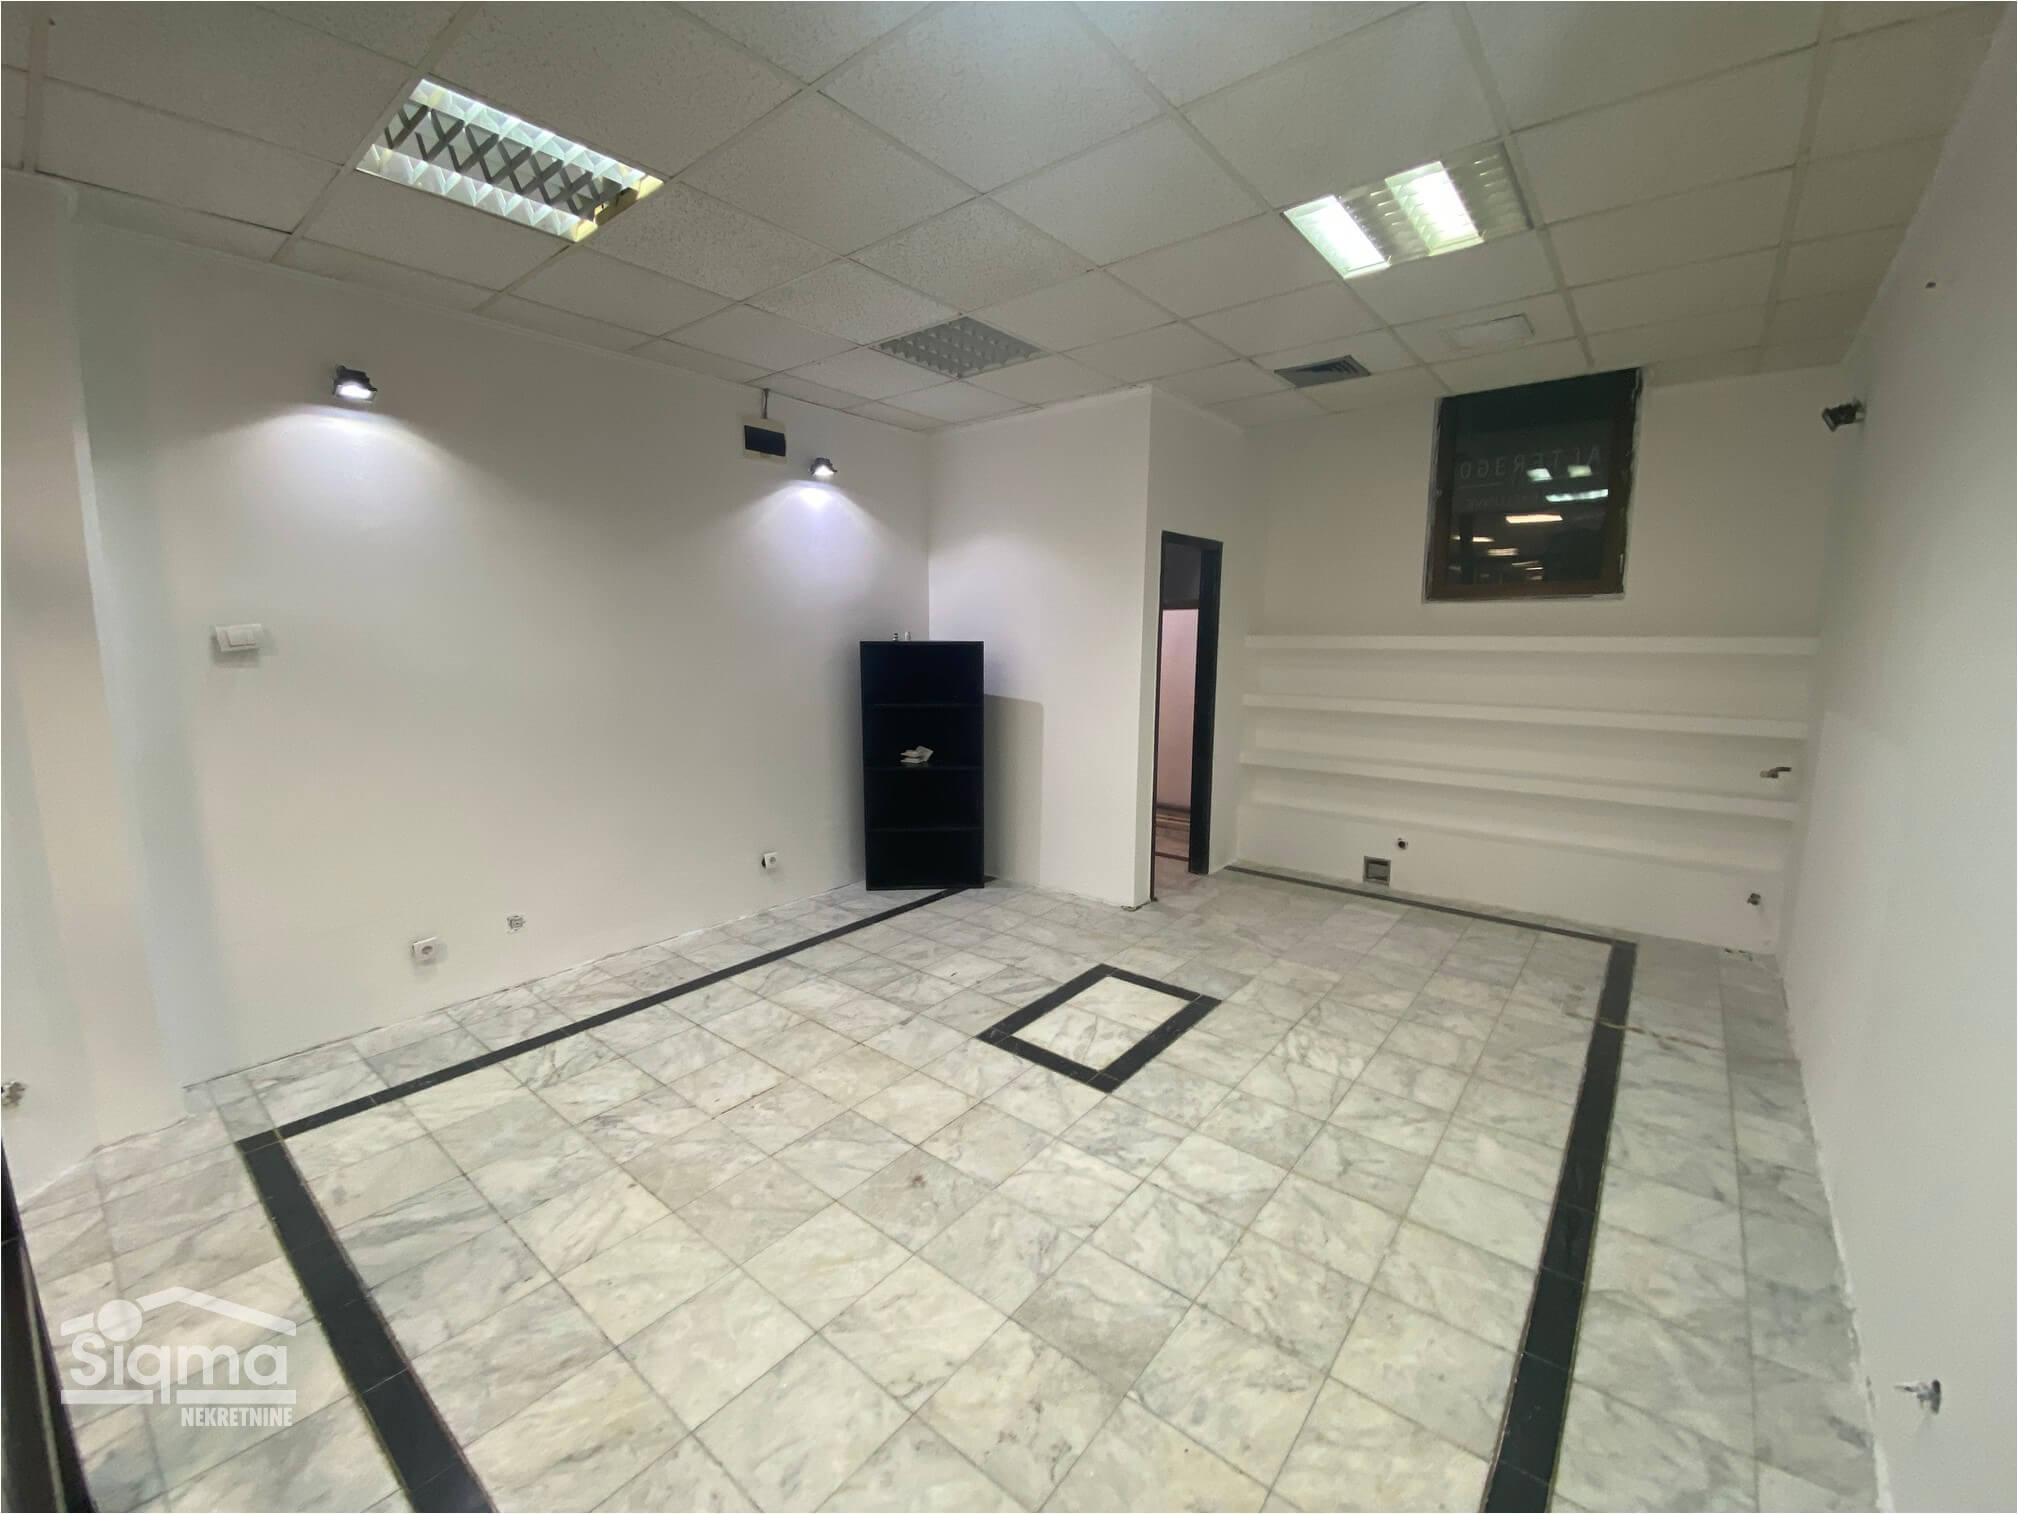 Poslovni Prostor BBC ZRENJANIN Centar